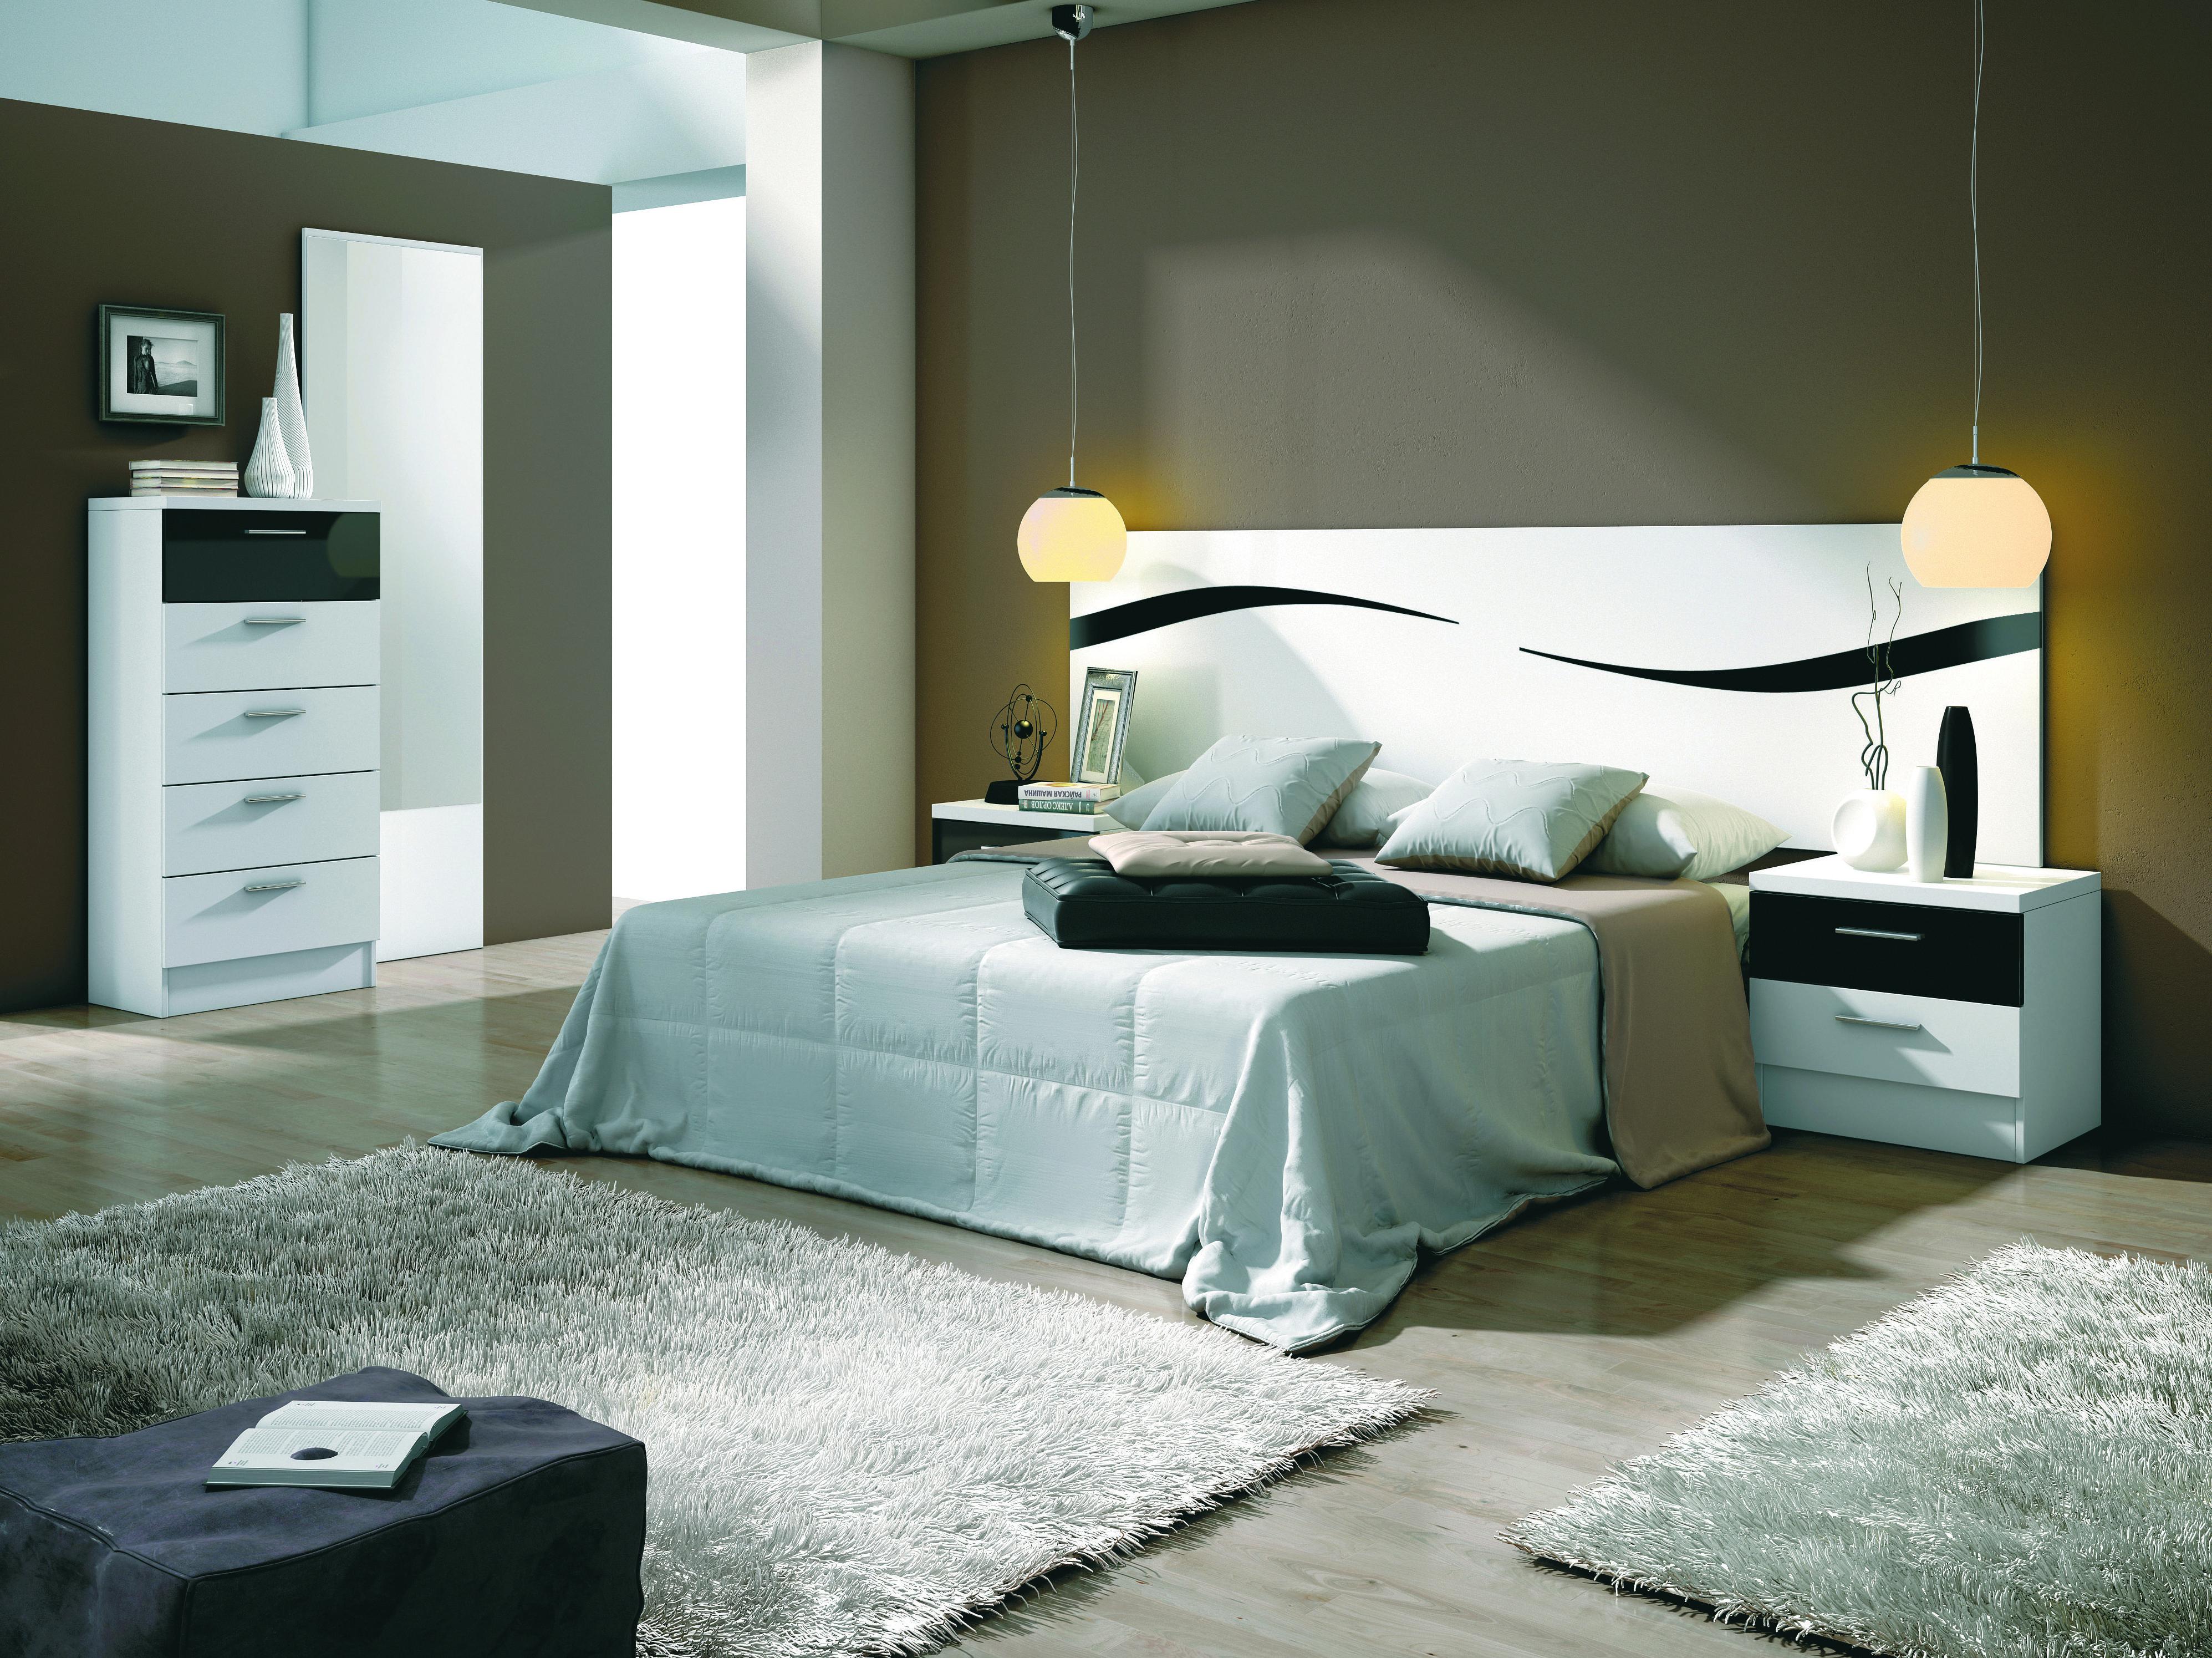 12 dormitorio matrimonio moderno catalogo de muebles san francisco - Muebles san francisco ...